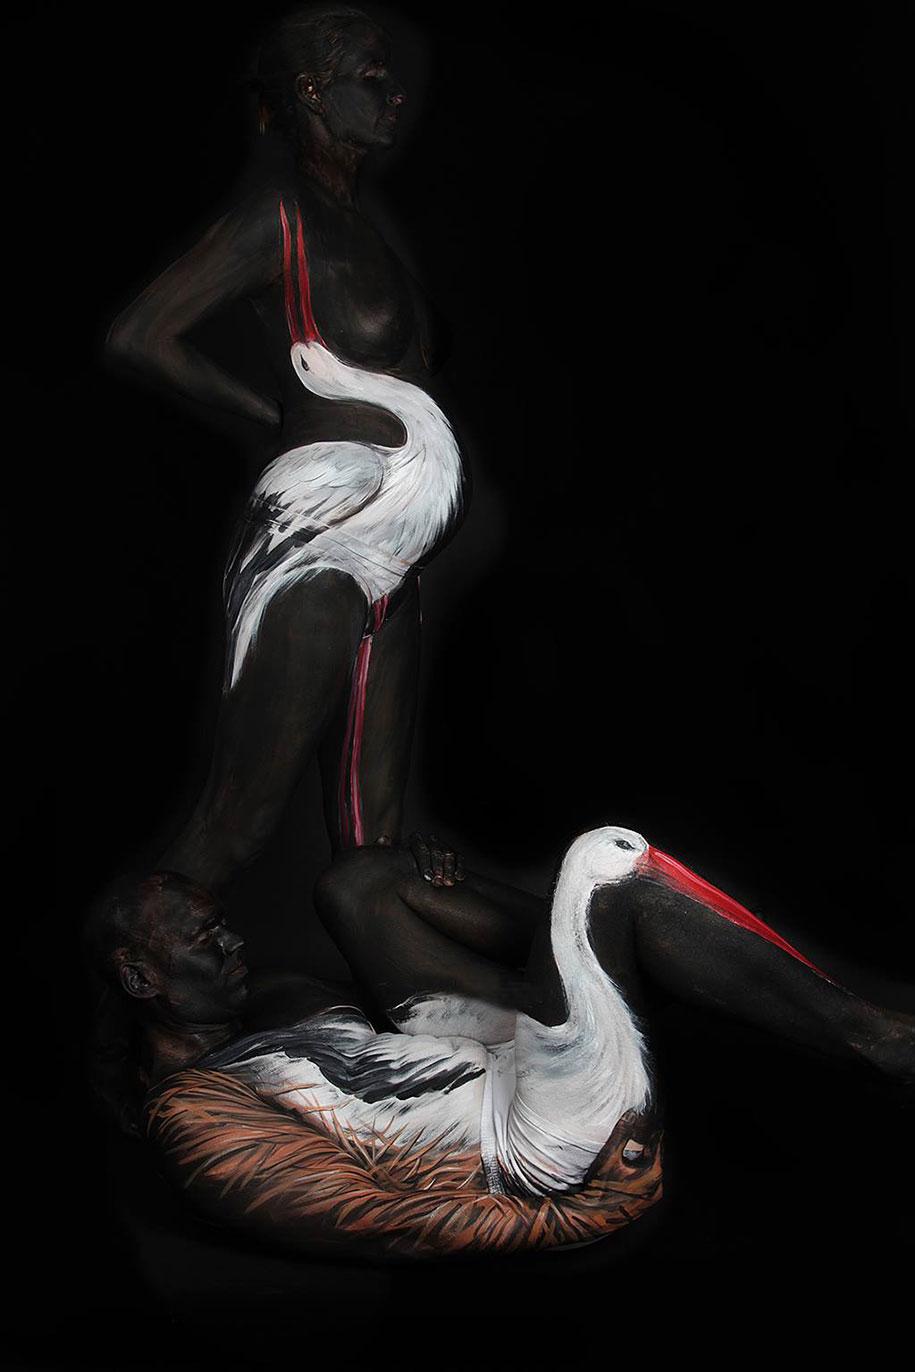 body-art-painting-gesine-merwedel-5